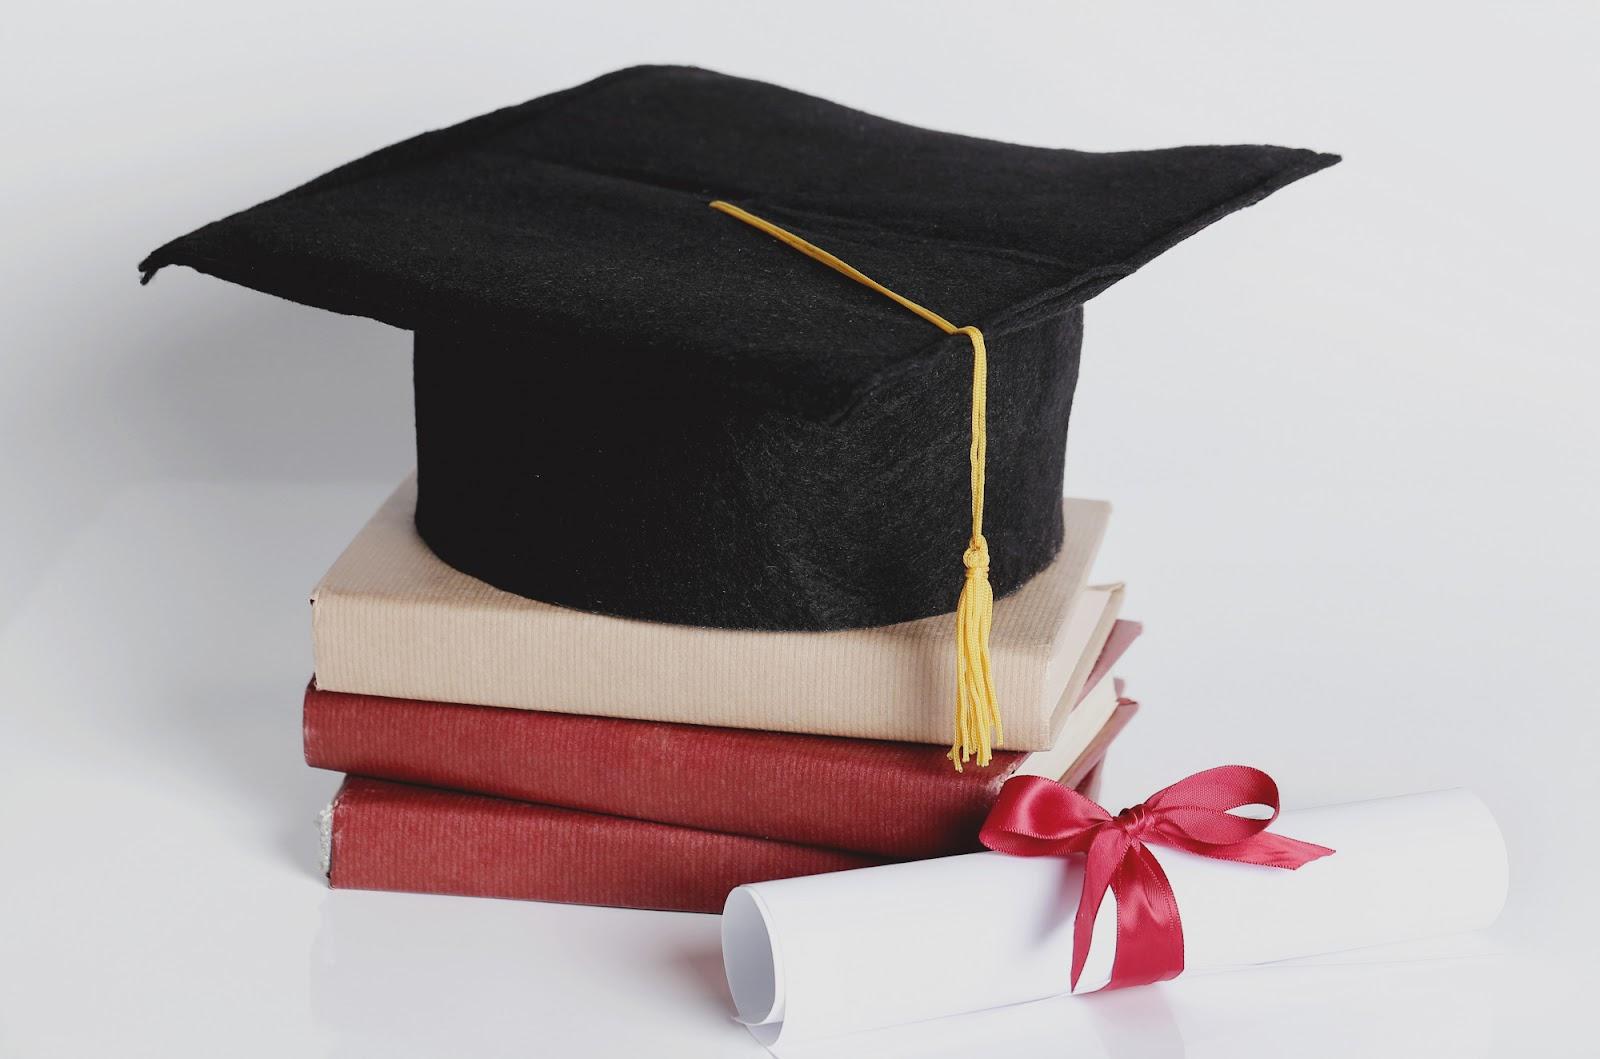 Há diferentes categorias de pós-graduação: qual delas é mais adequada para você? (Imagem: Racool Studio/Freepik)